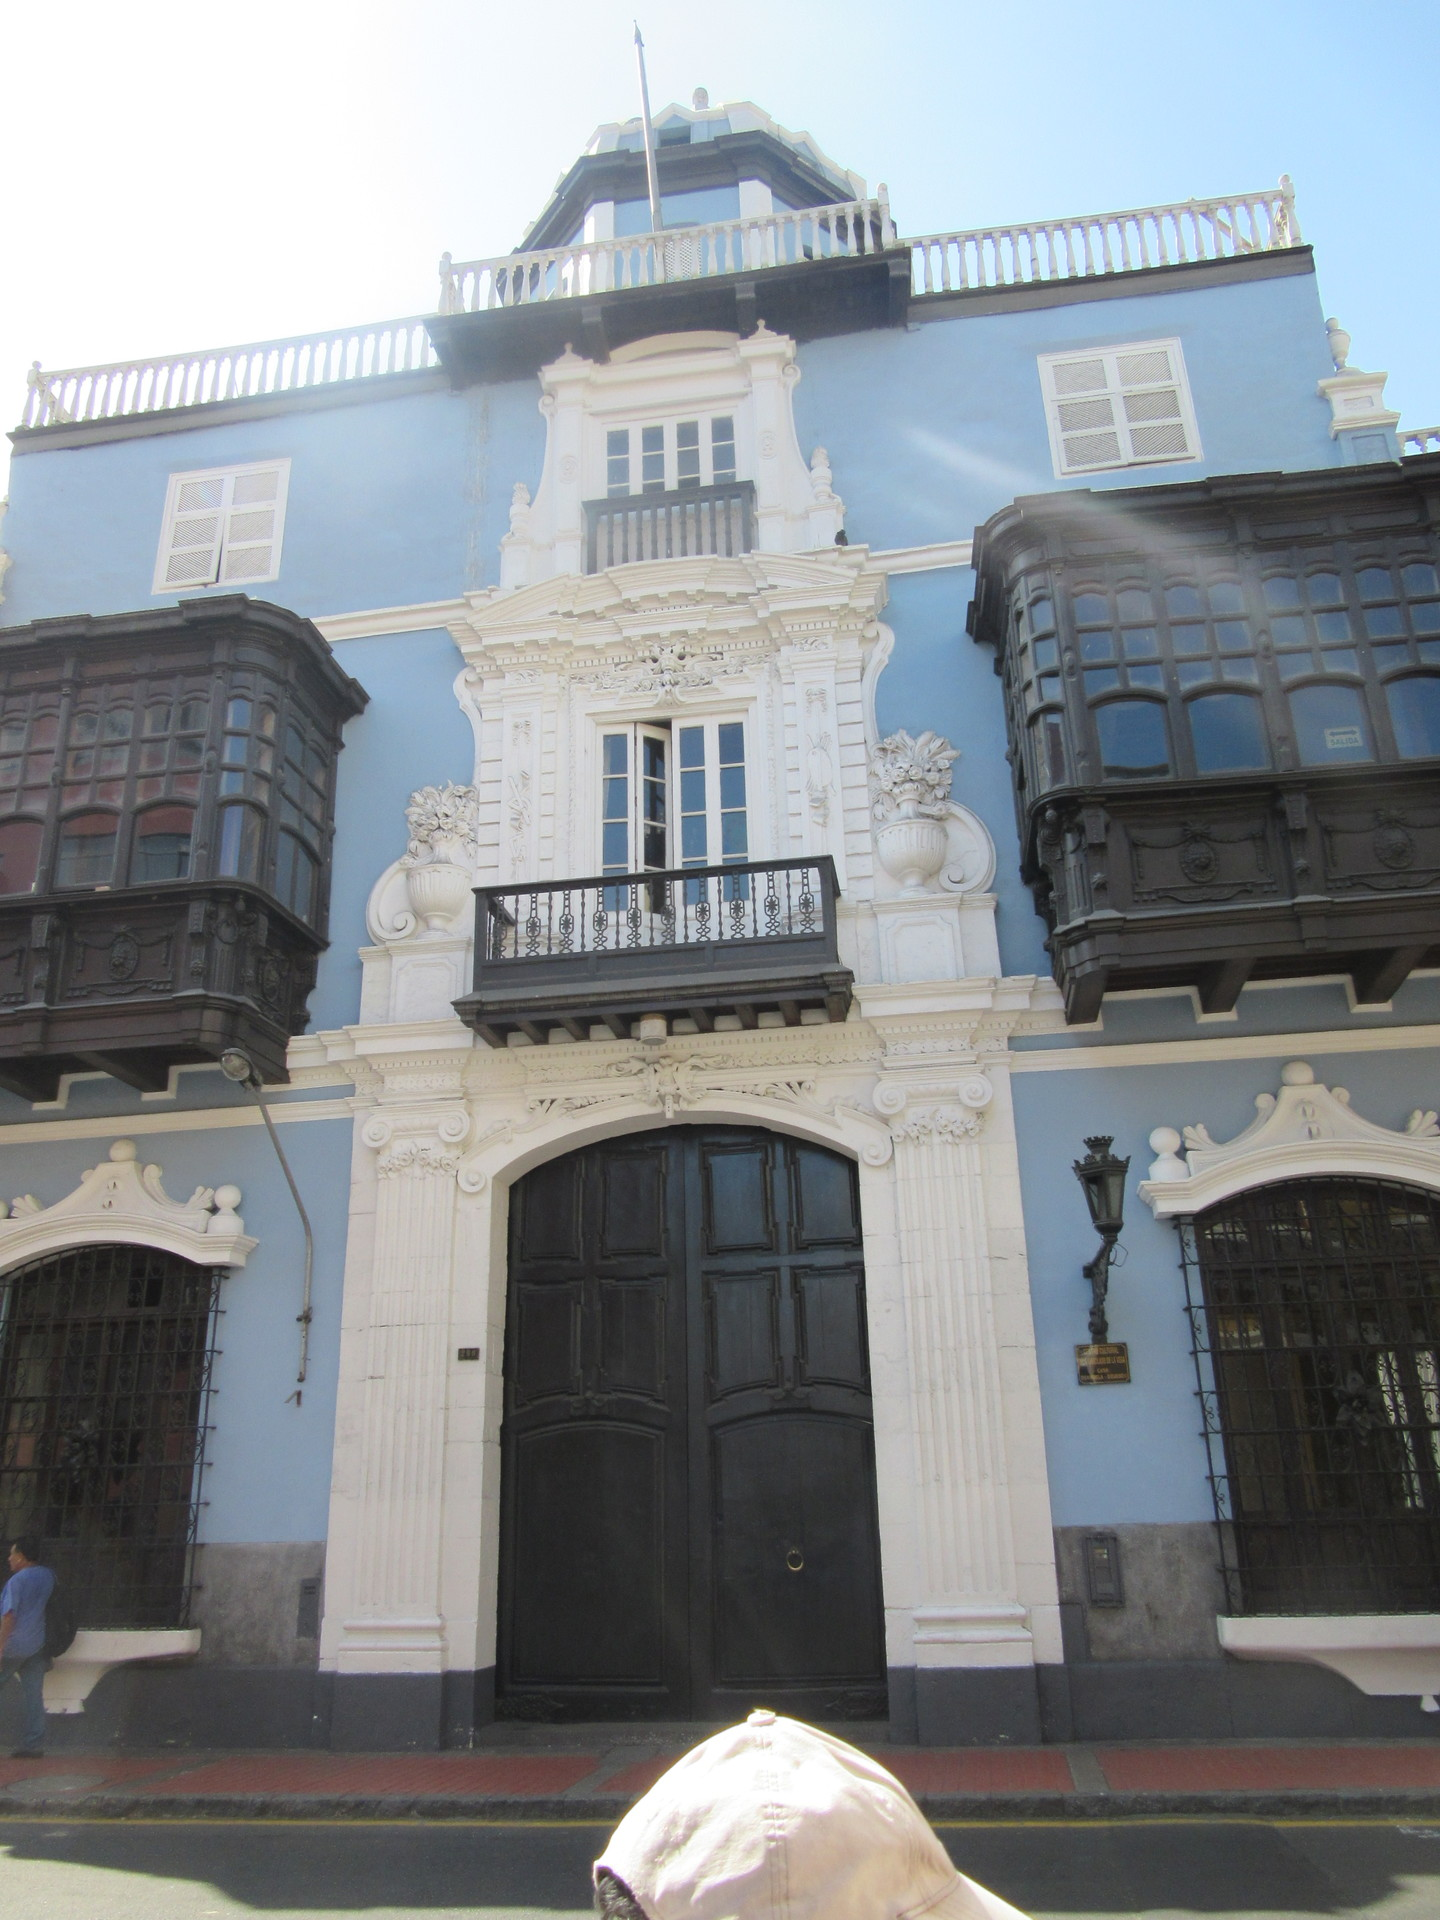 casa-colonial-8b839764a049453654dfaf097e1843a0.jpg